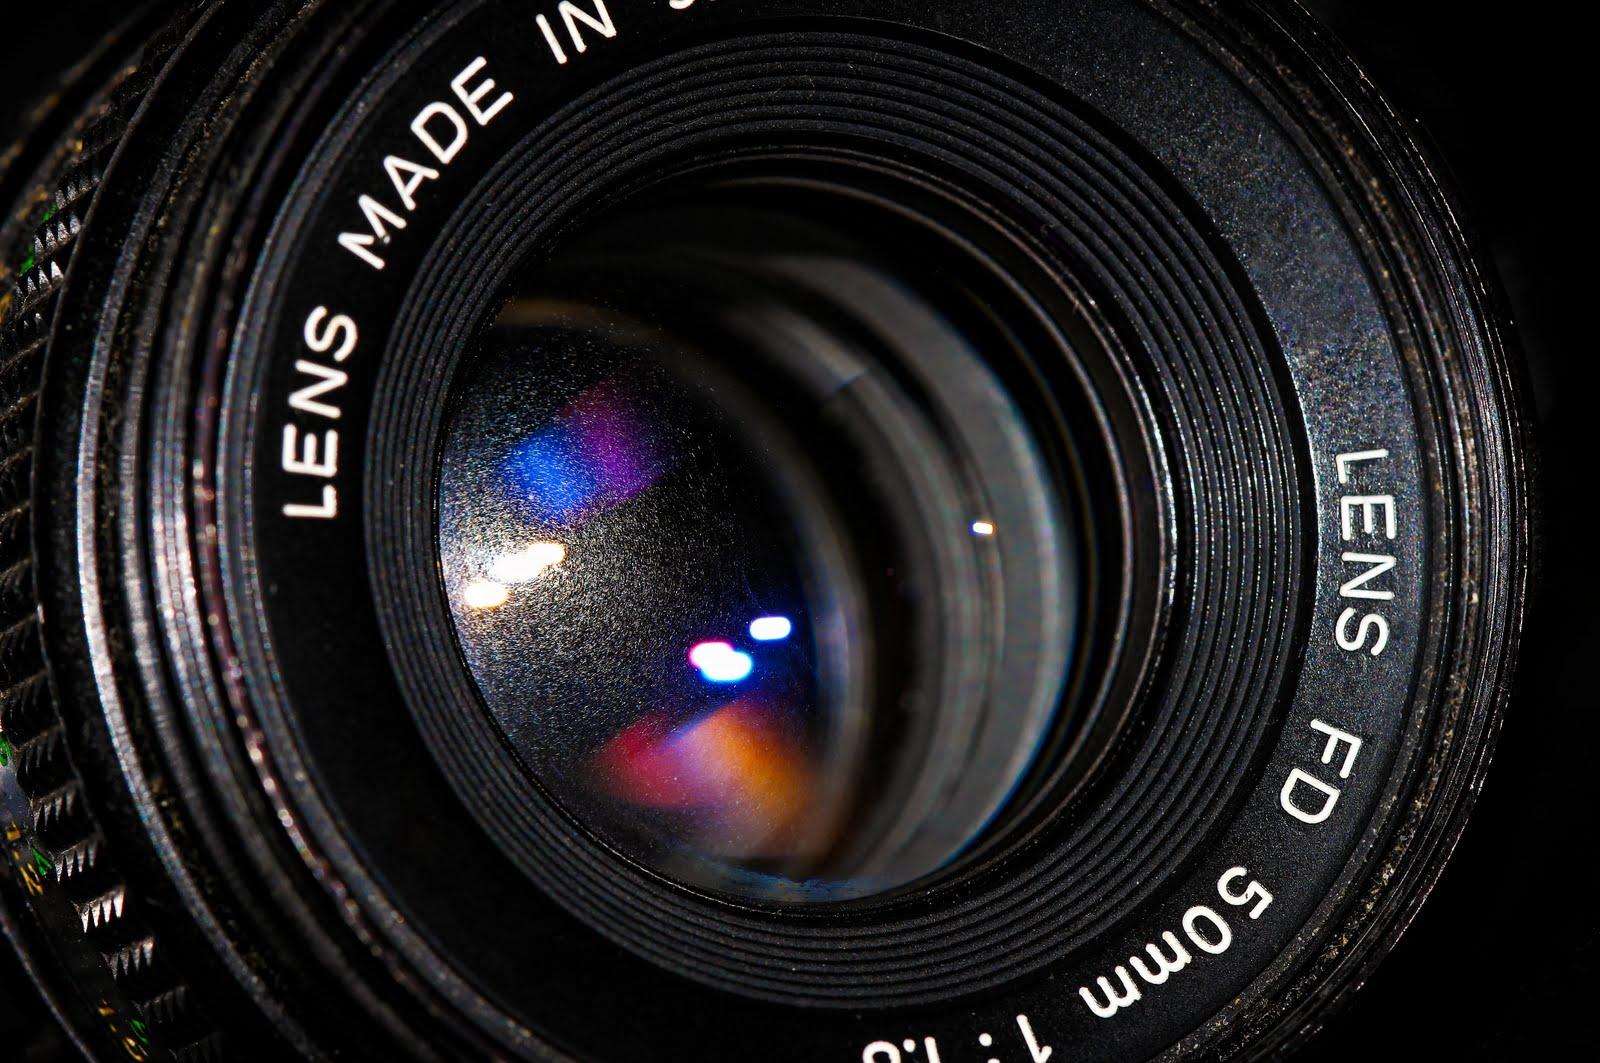 I Concurso Fotografía Instagram